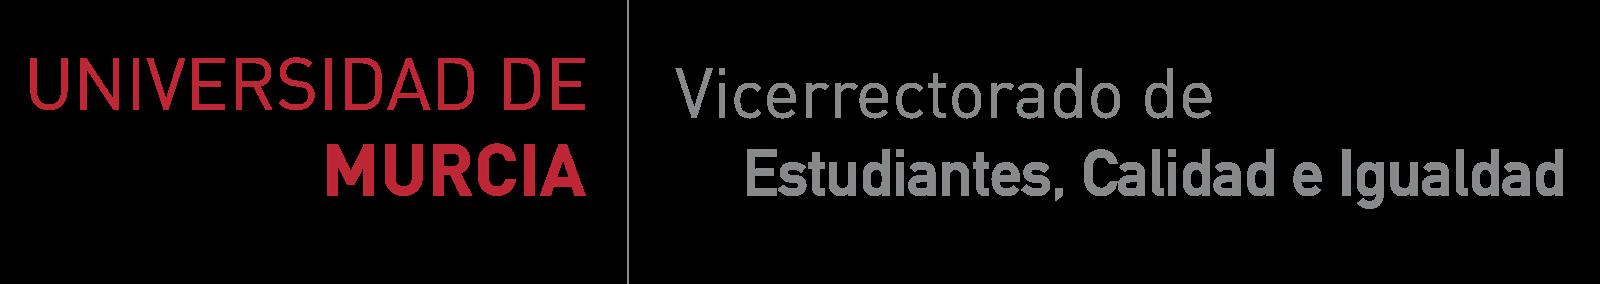 Vicerrecotorado de Estudiantes, Calidad e Igualdad